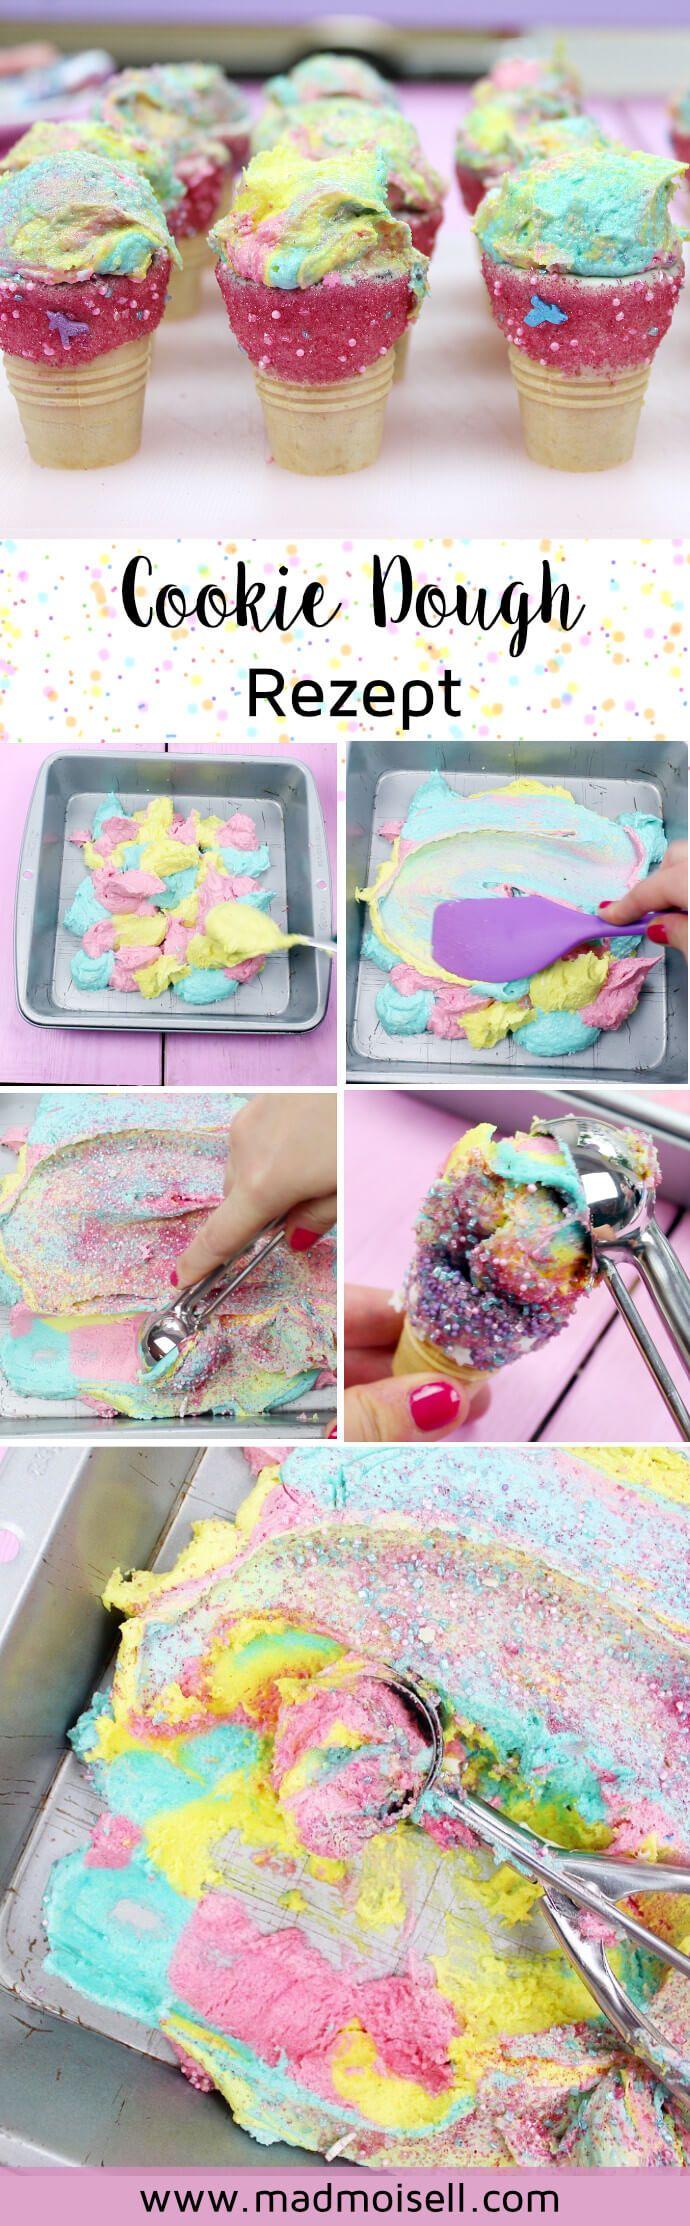 Einhorn Cookie Dough (roher Keksteig) selber machen – Einfaches DIY Rezept für deine nächste Einhorn Party oder farbenfrohe Geburtstage!